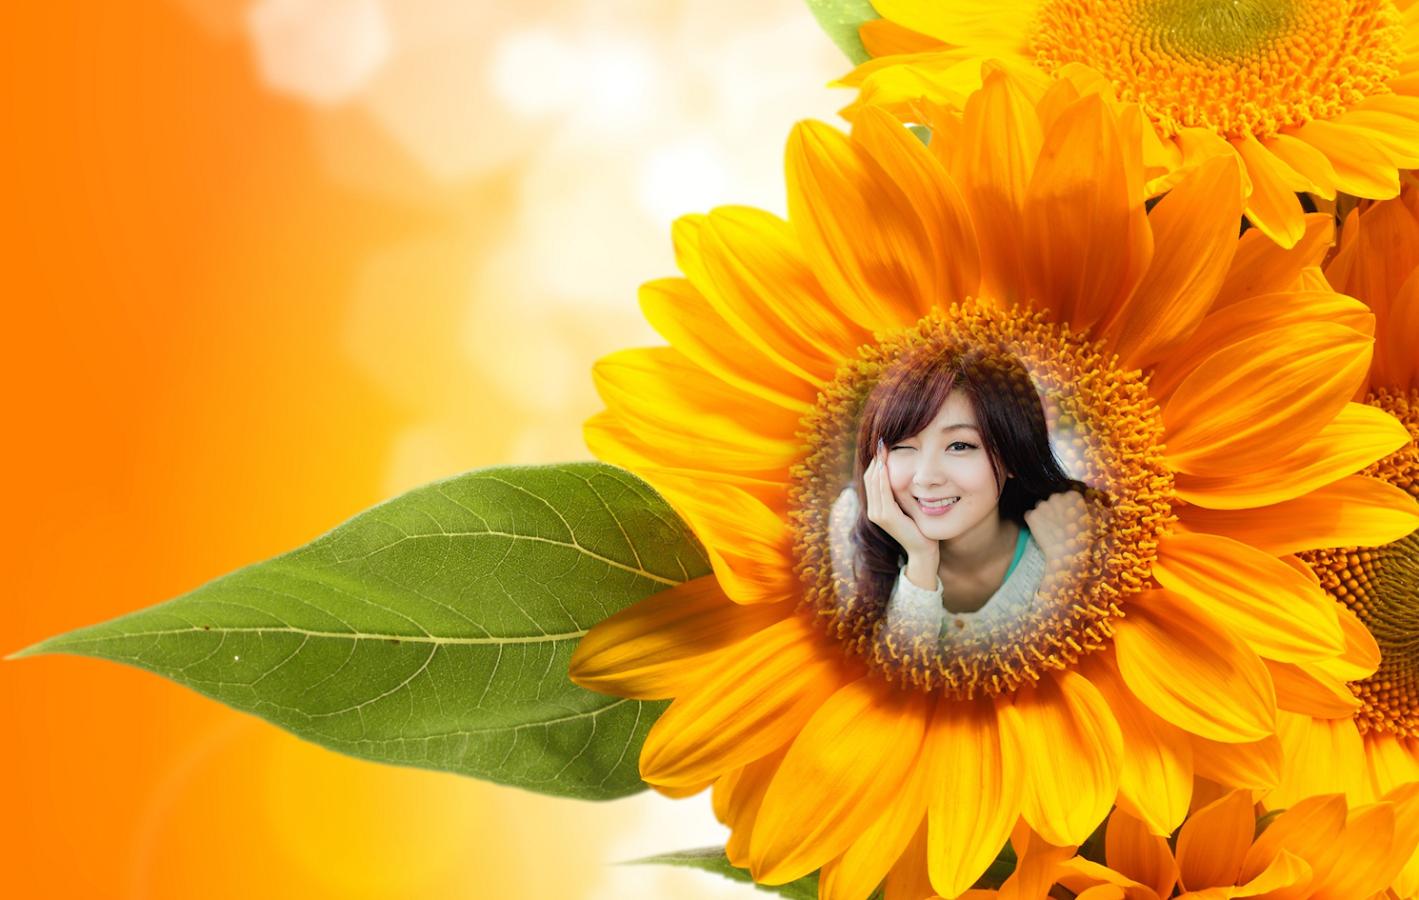 sunflower photo frames screenshot - Sunflower Picture Frames